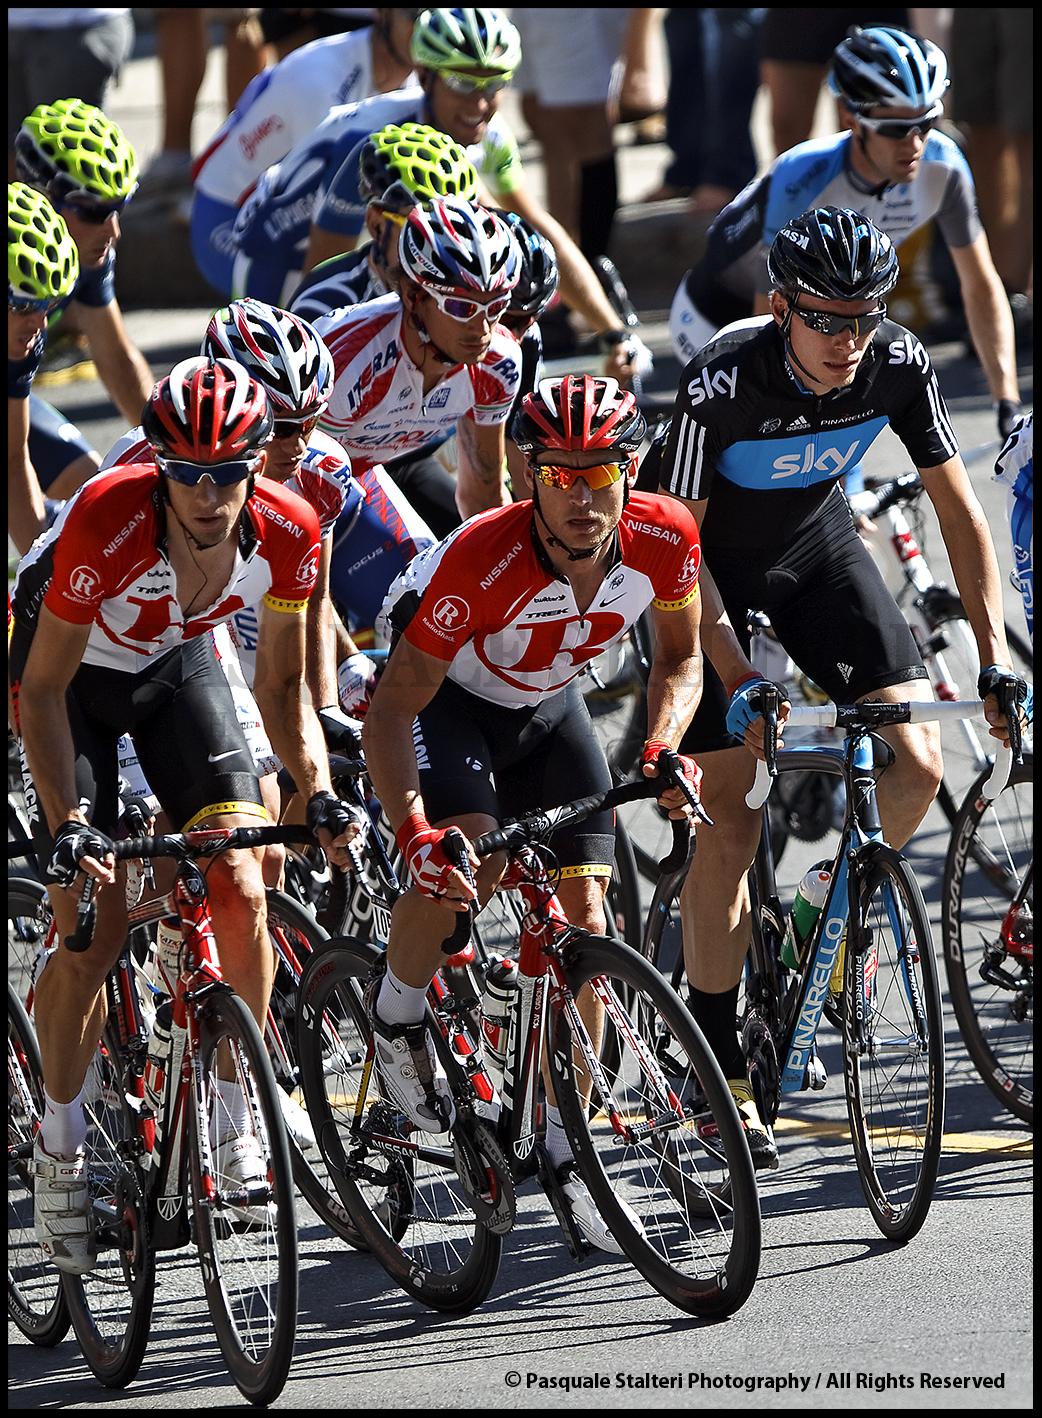 2012 top worldtour teams rosters miroir du cyclisme for Miroir du ciclisme